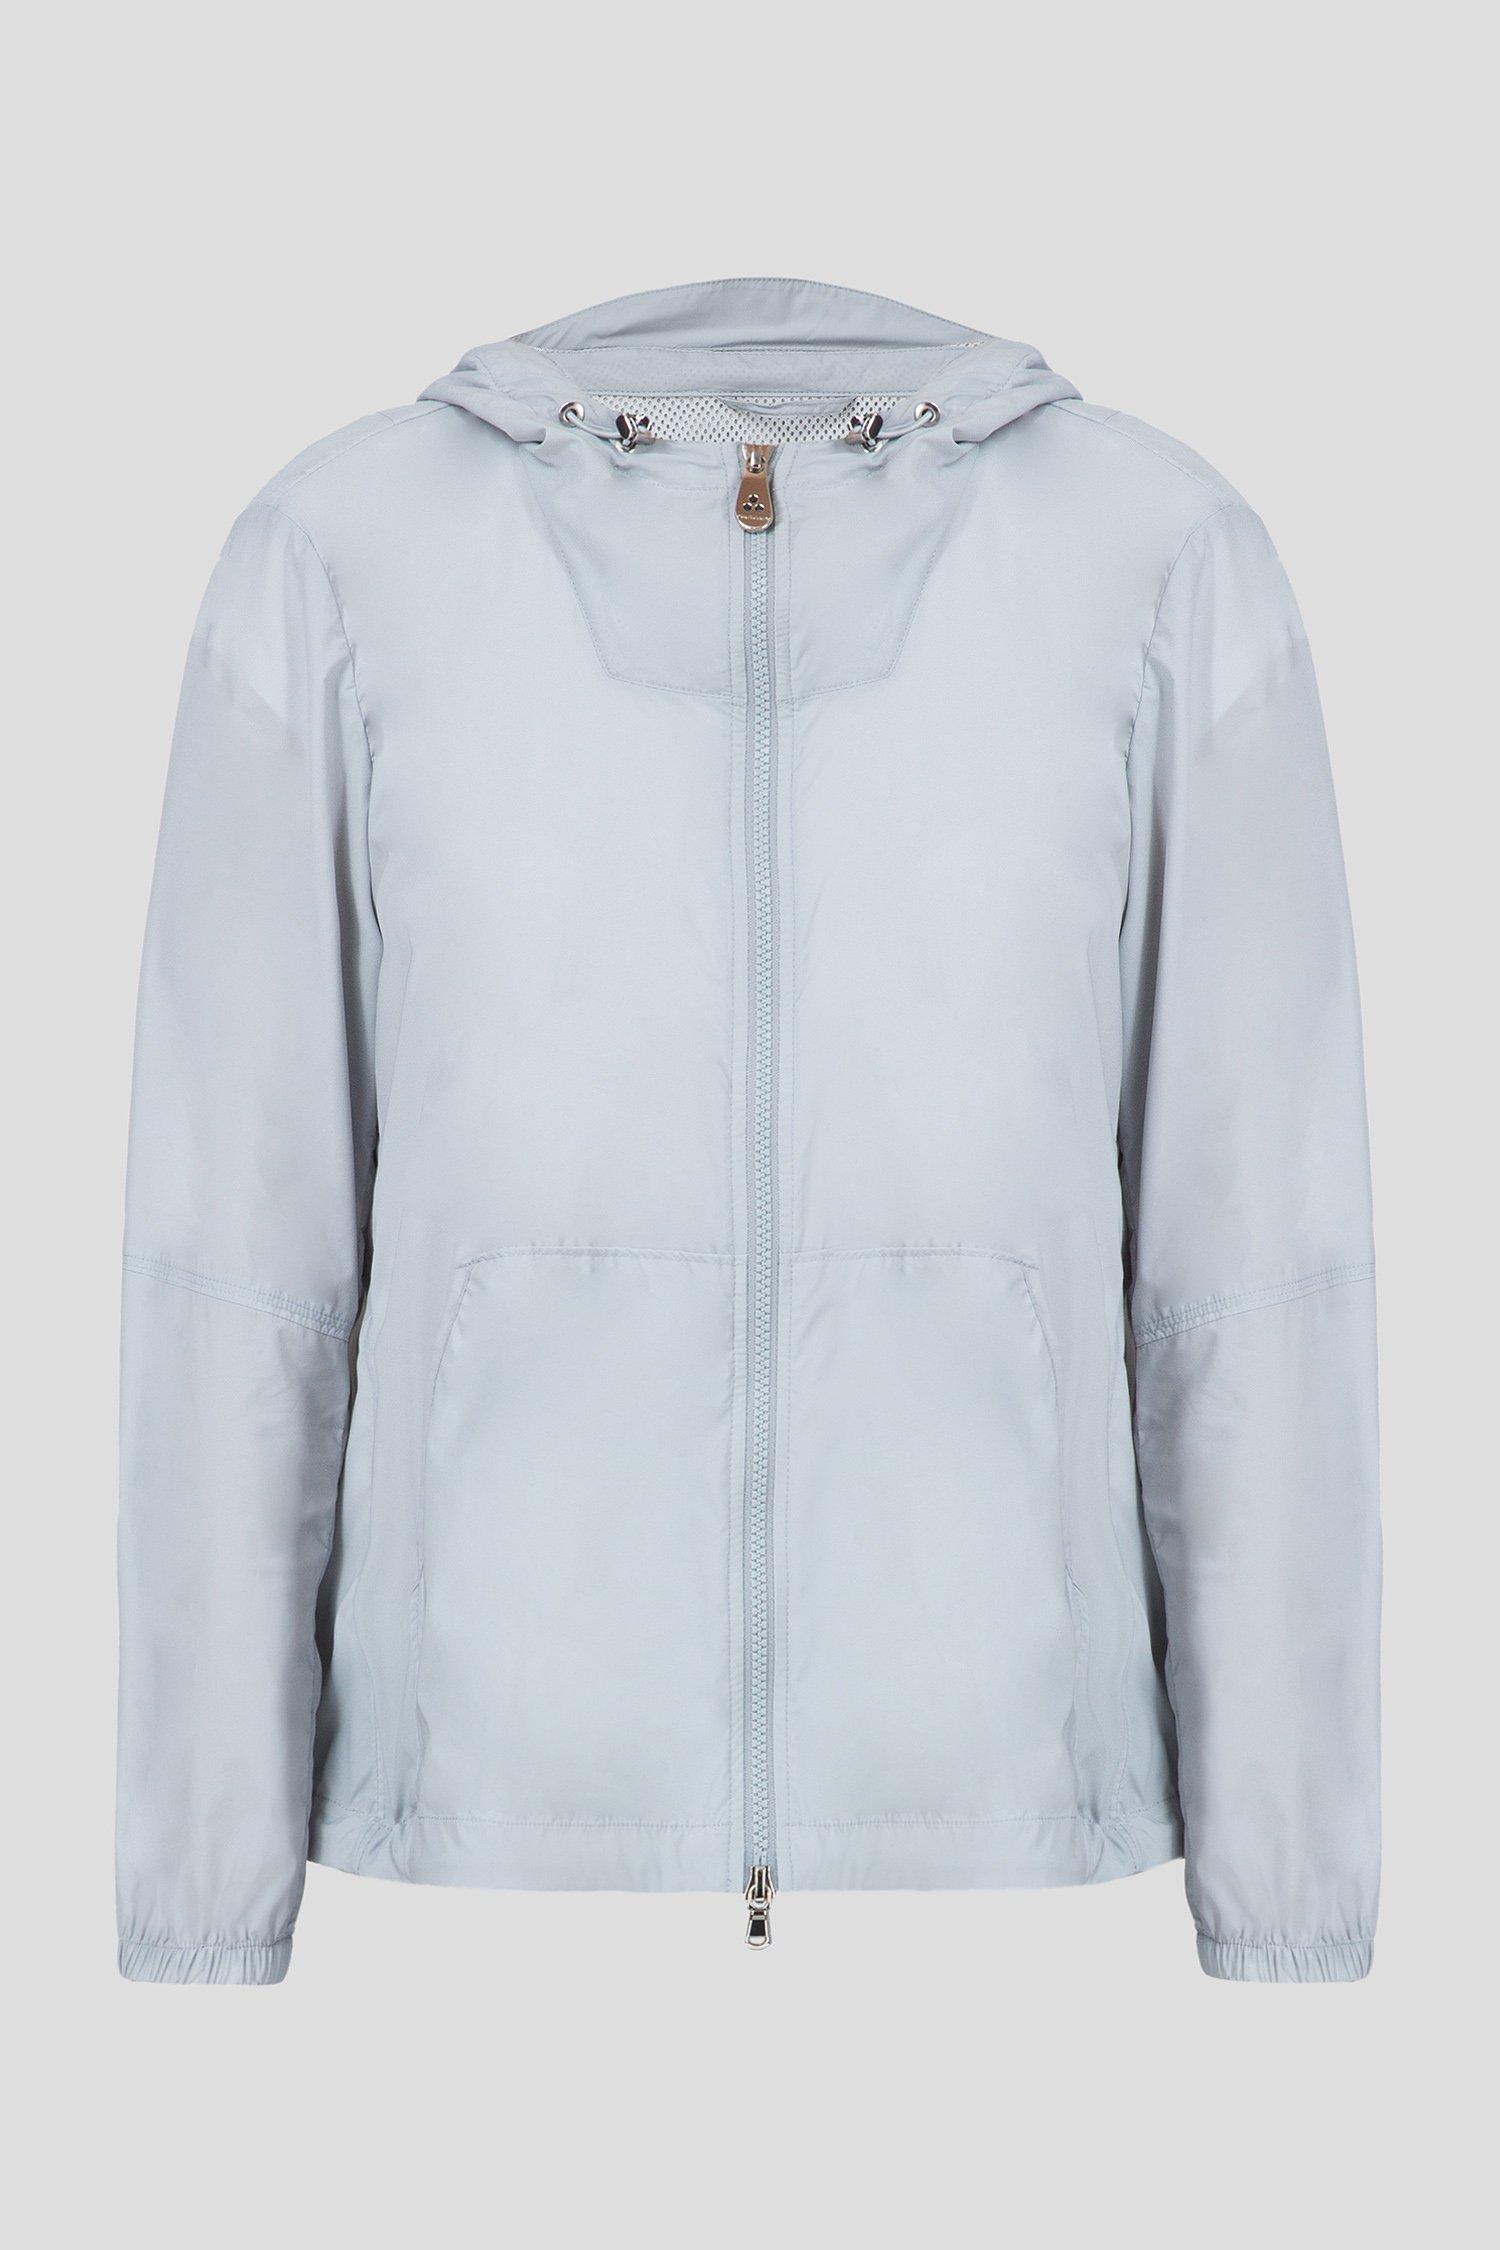 Купить Женская серая ветровка Peuterey Peuterey PED3187-240 – Киев, Украина. Цены в интернет магазине MD Fashion